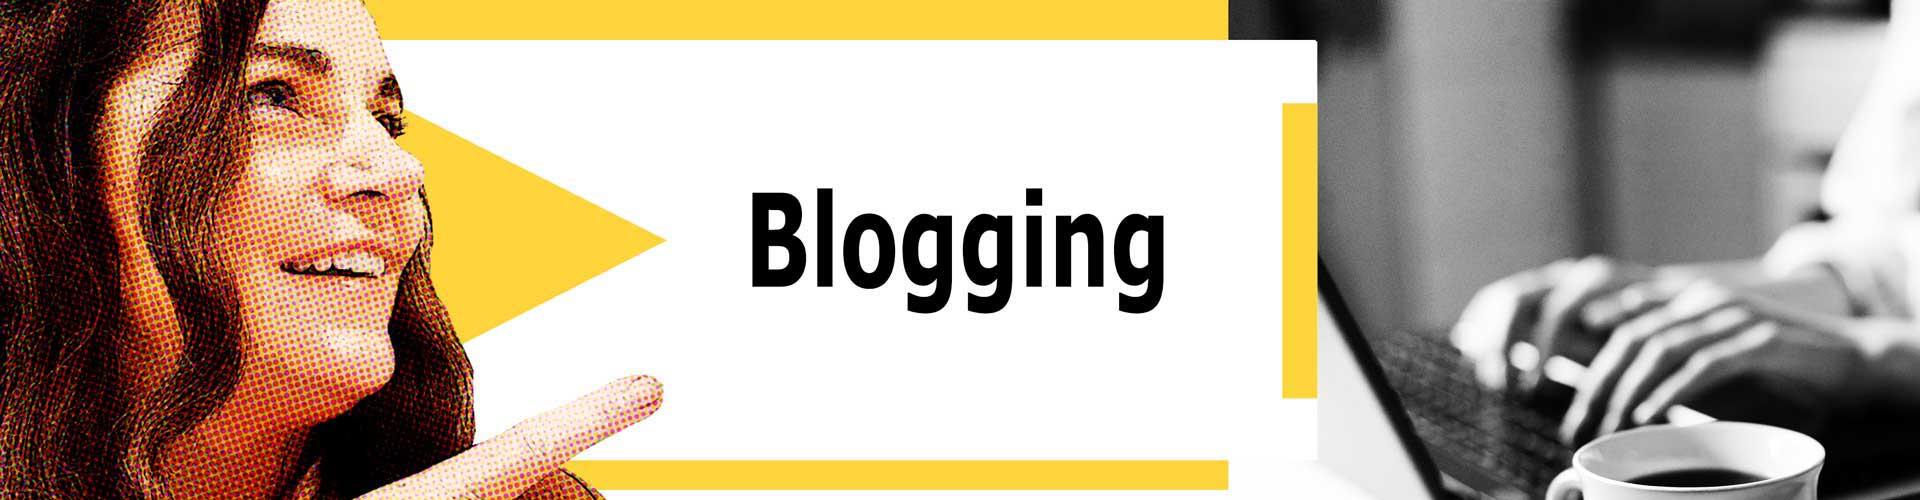 Denise Gibb Blogging